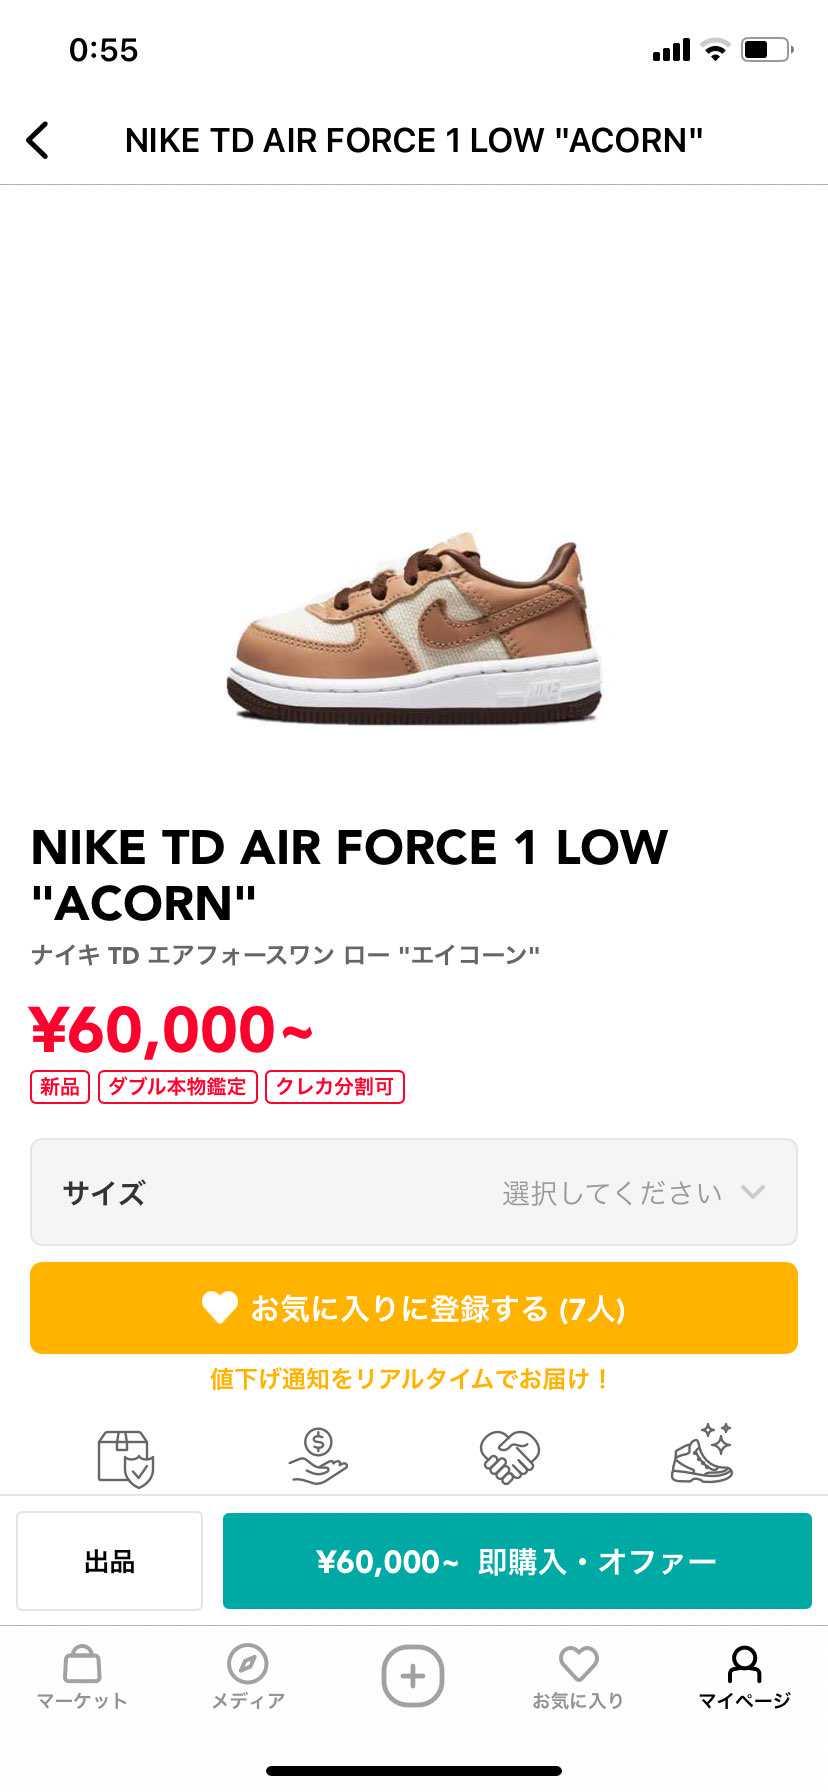 6万円で草